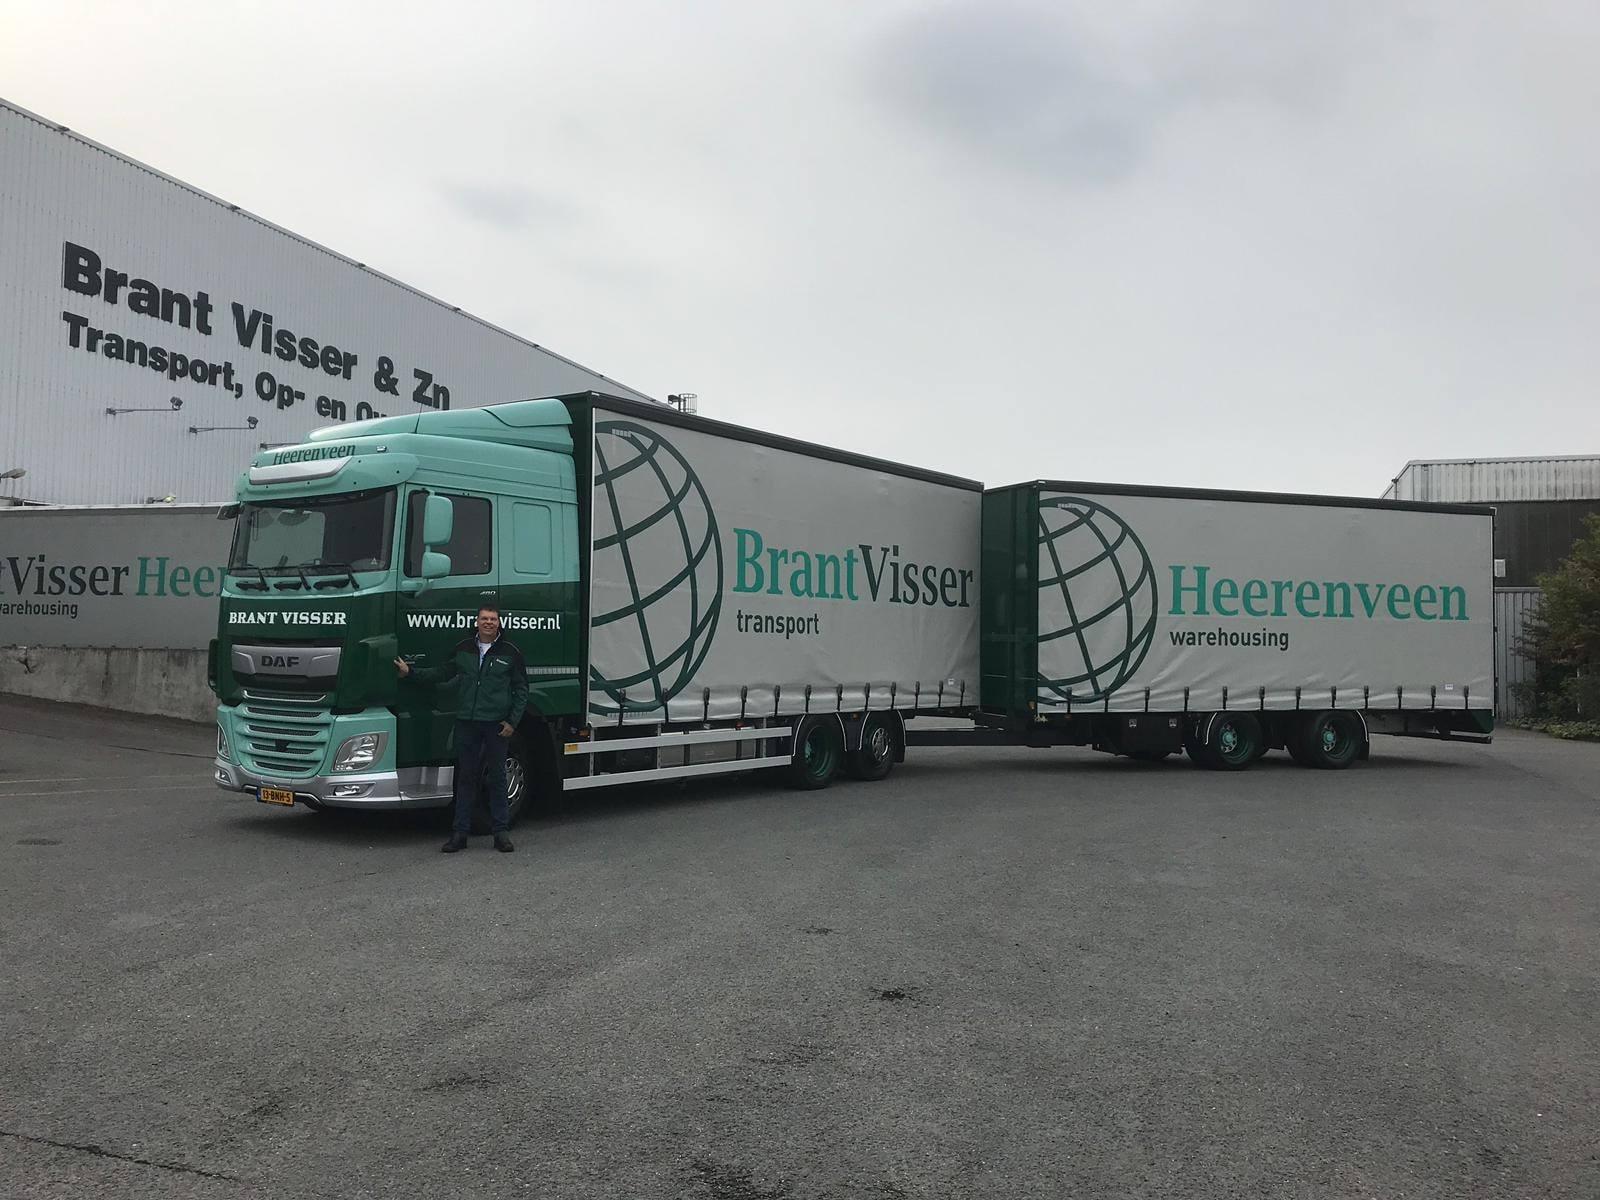 Chauffeur-Fons-van-Bergen-staat-klaar-voor-vertrek-voor-zijn-eerste-groupagerit-naar-Bretagne--Veel-plezier-met-je-nieuwe-combi-Fons--8-5-2019-